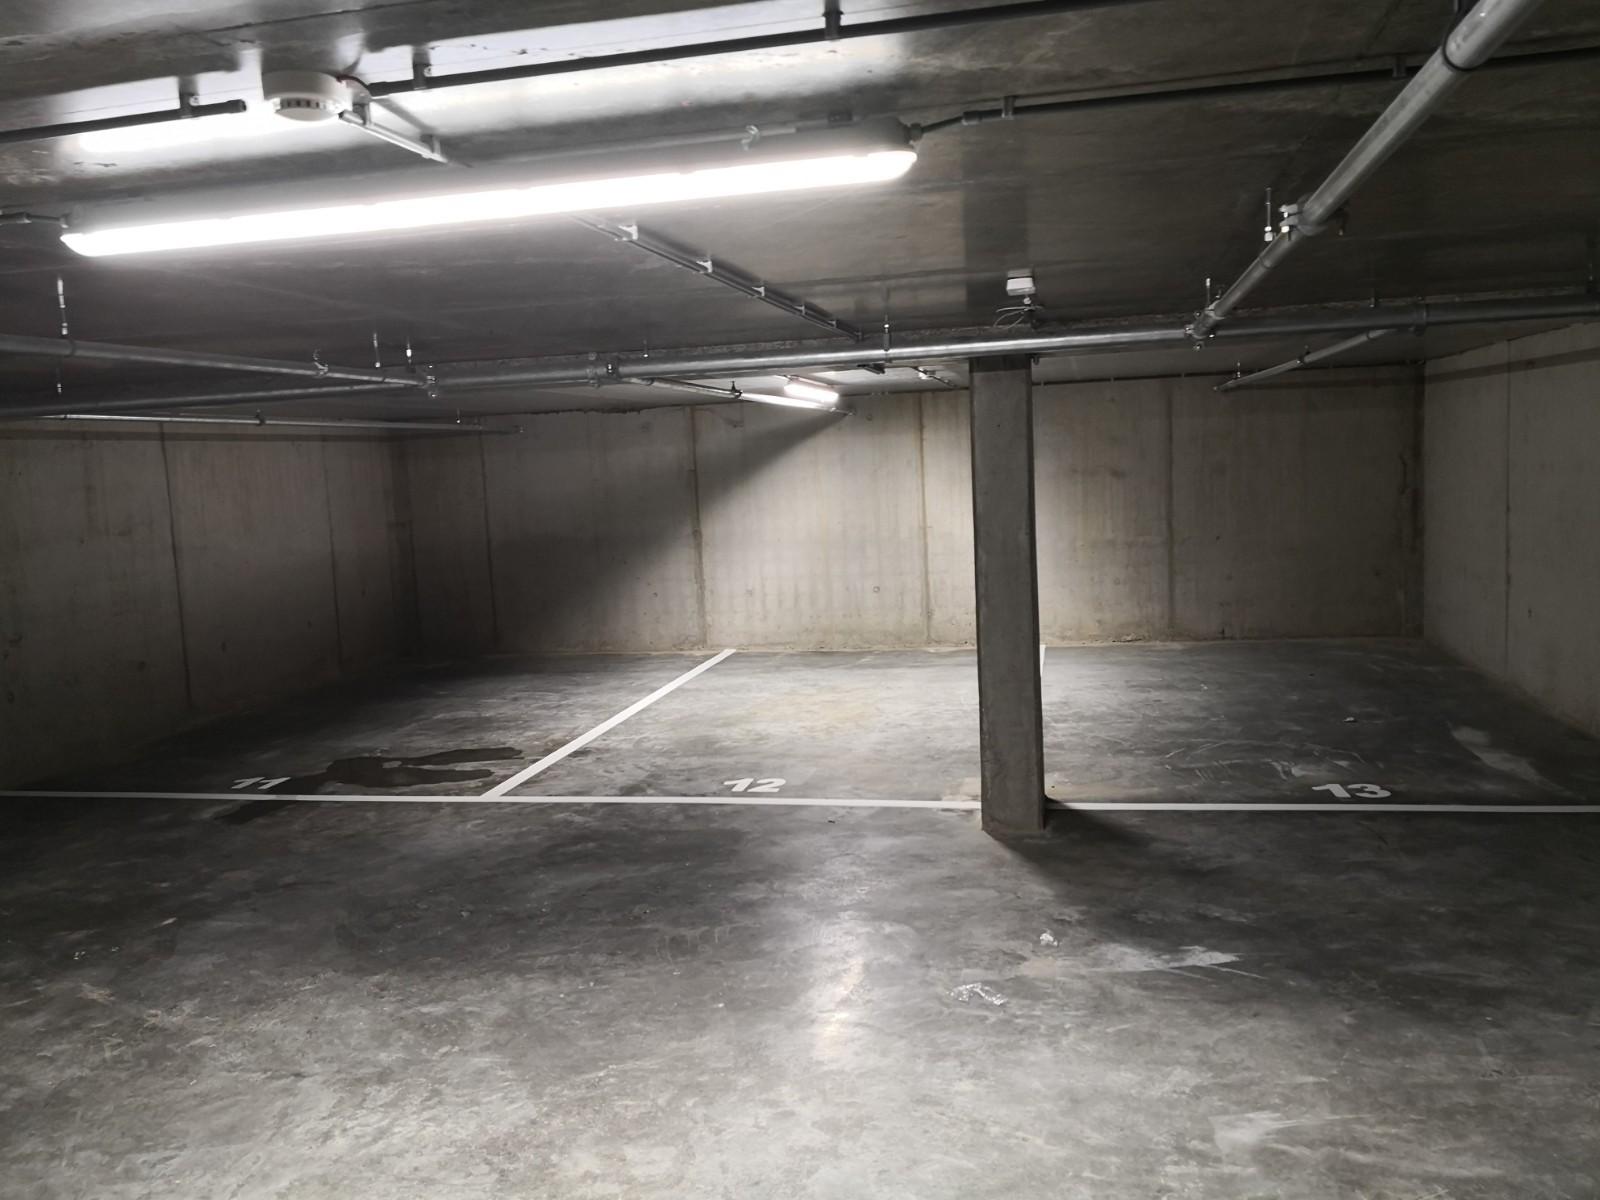 Staanplaats in ondergrondse parking afbeelding 5